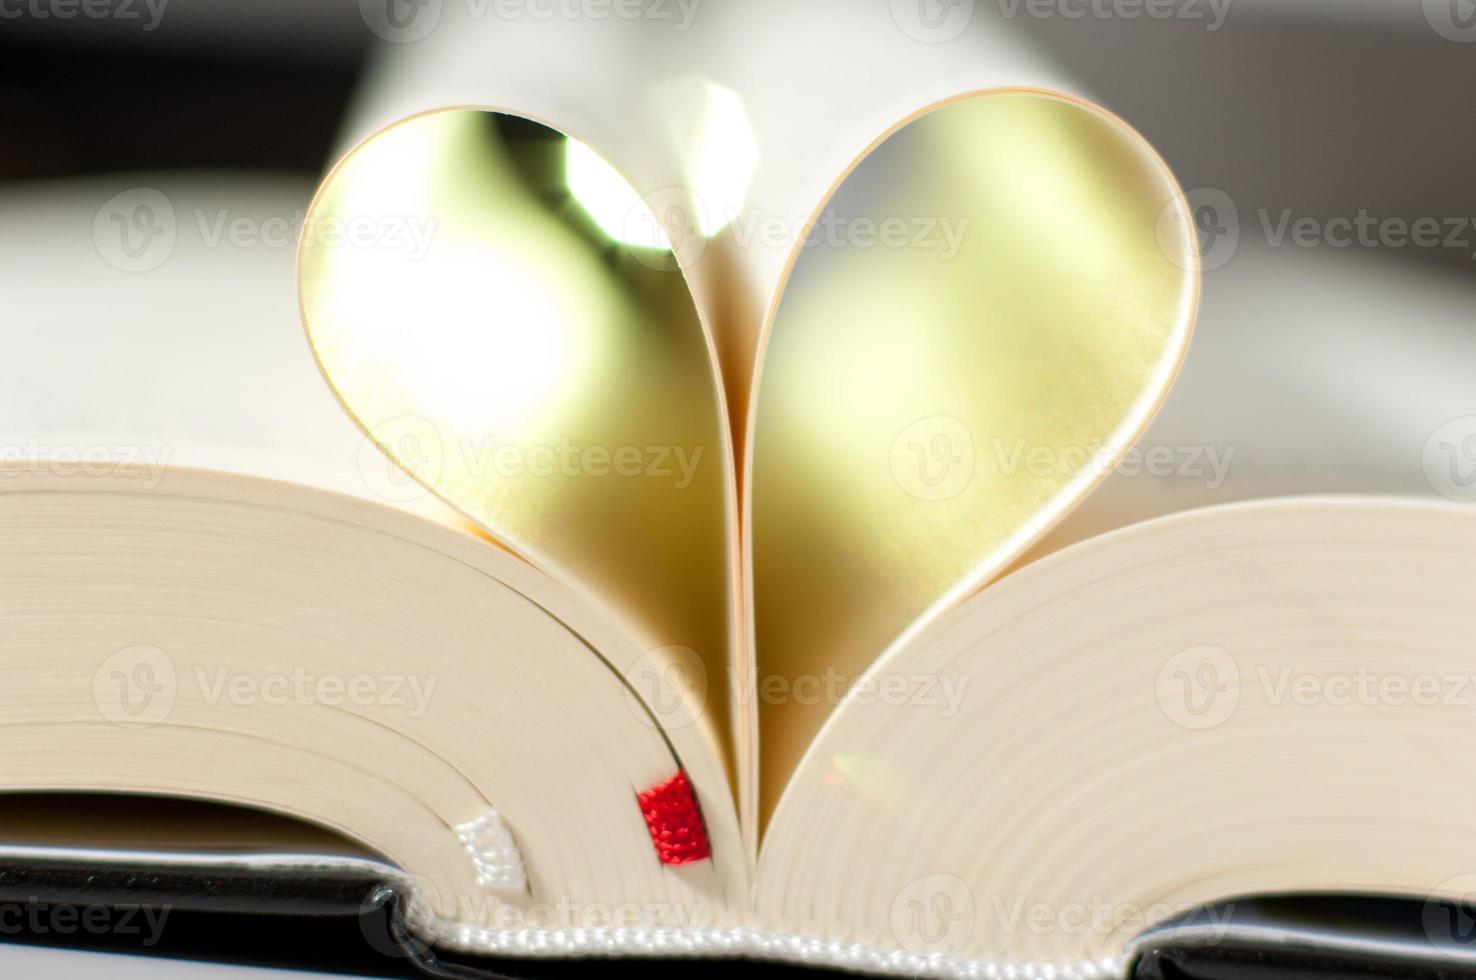 pagina's van een bijbel gebogen in een hartvorm foto